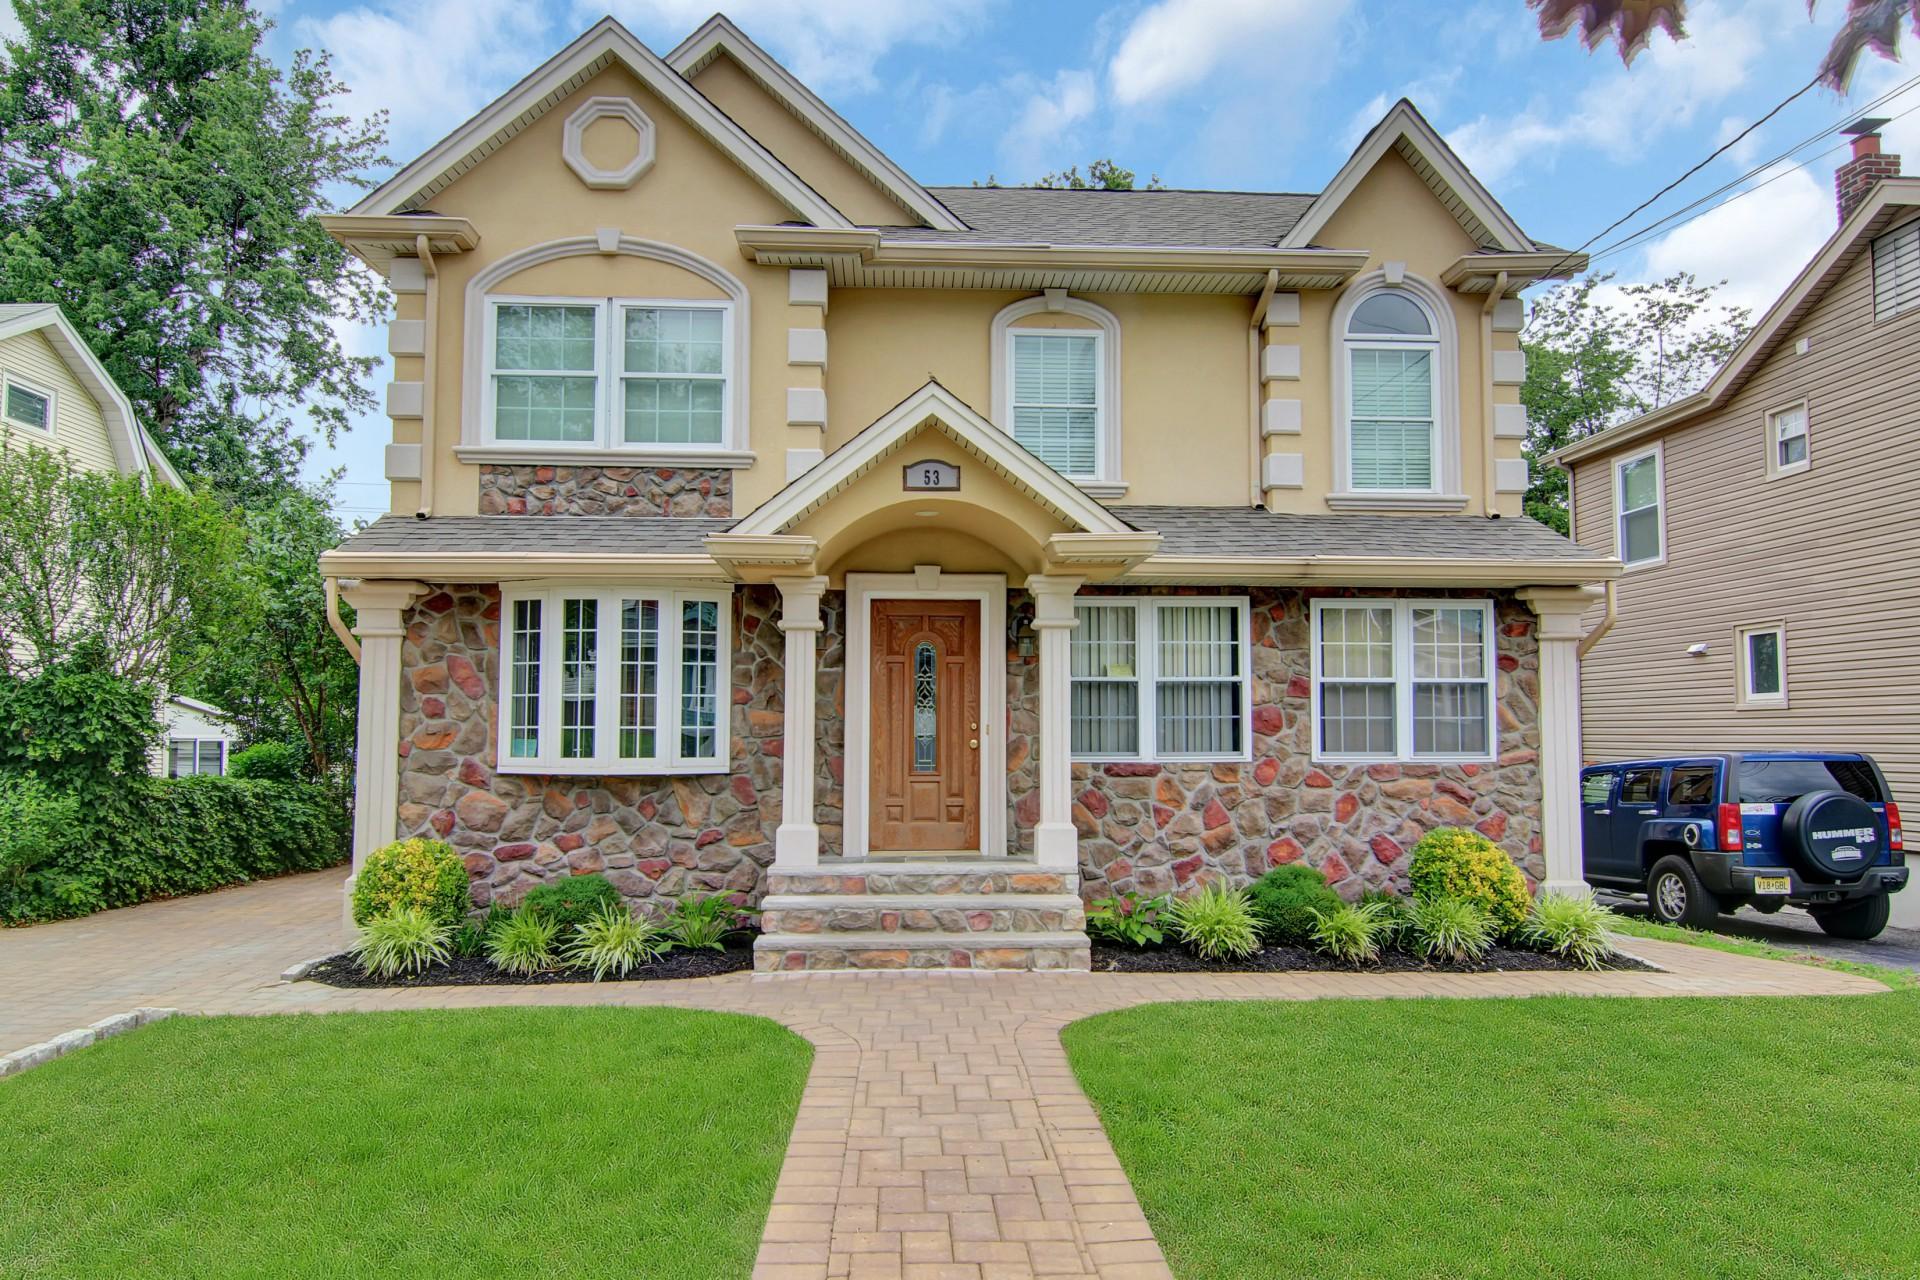 Casa Unifamiliar por un Venta en Updated Colonial 53 Ralph St Bergenfield, Nueva Jersey 07621 Estados Unidos